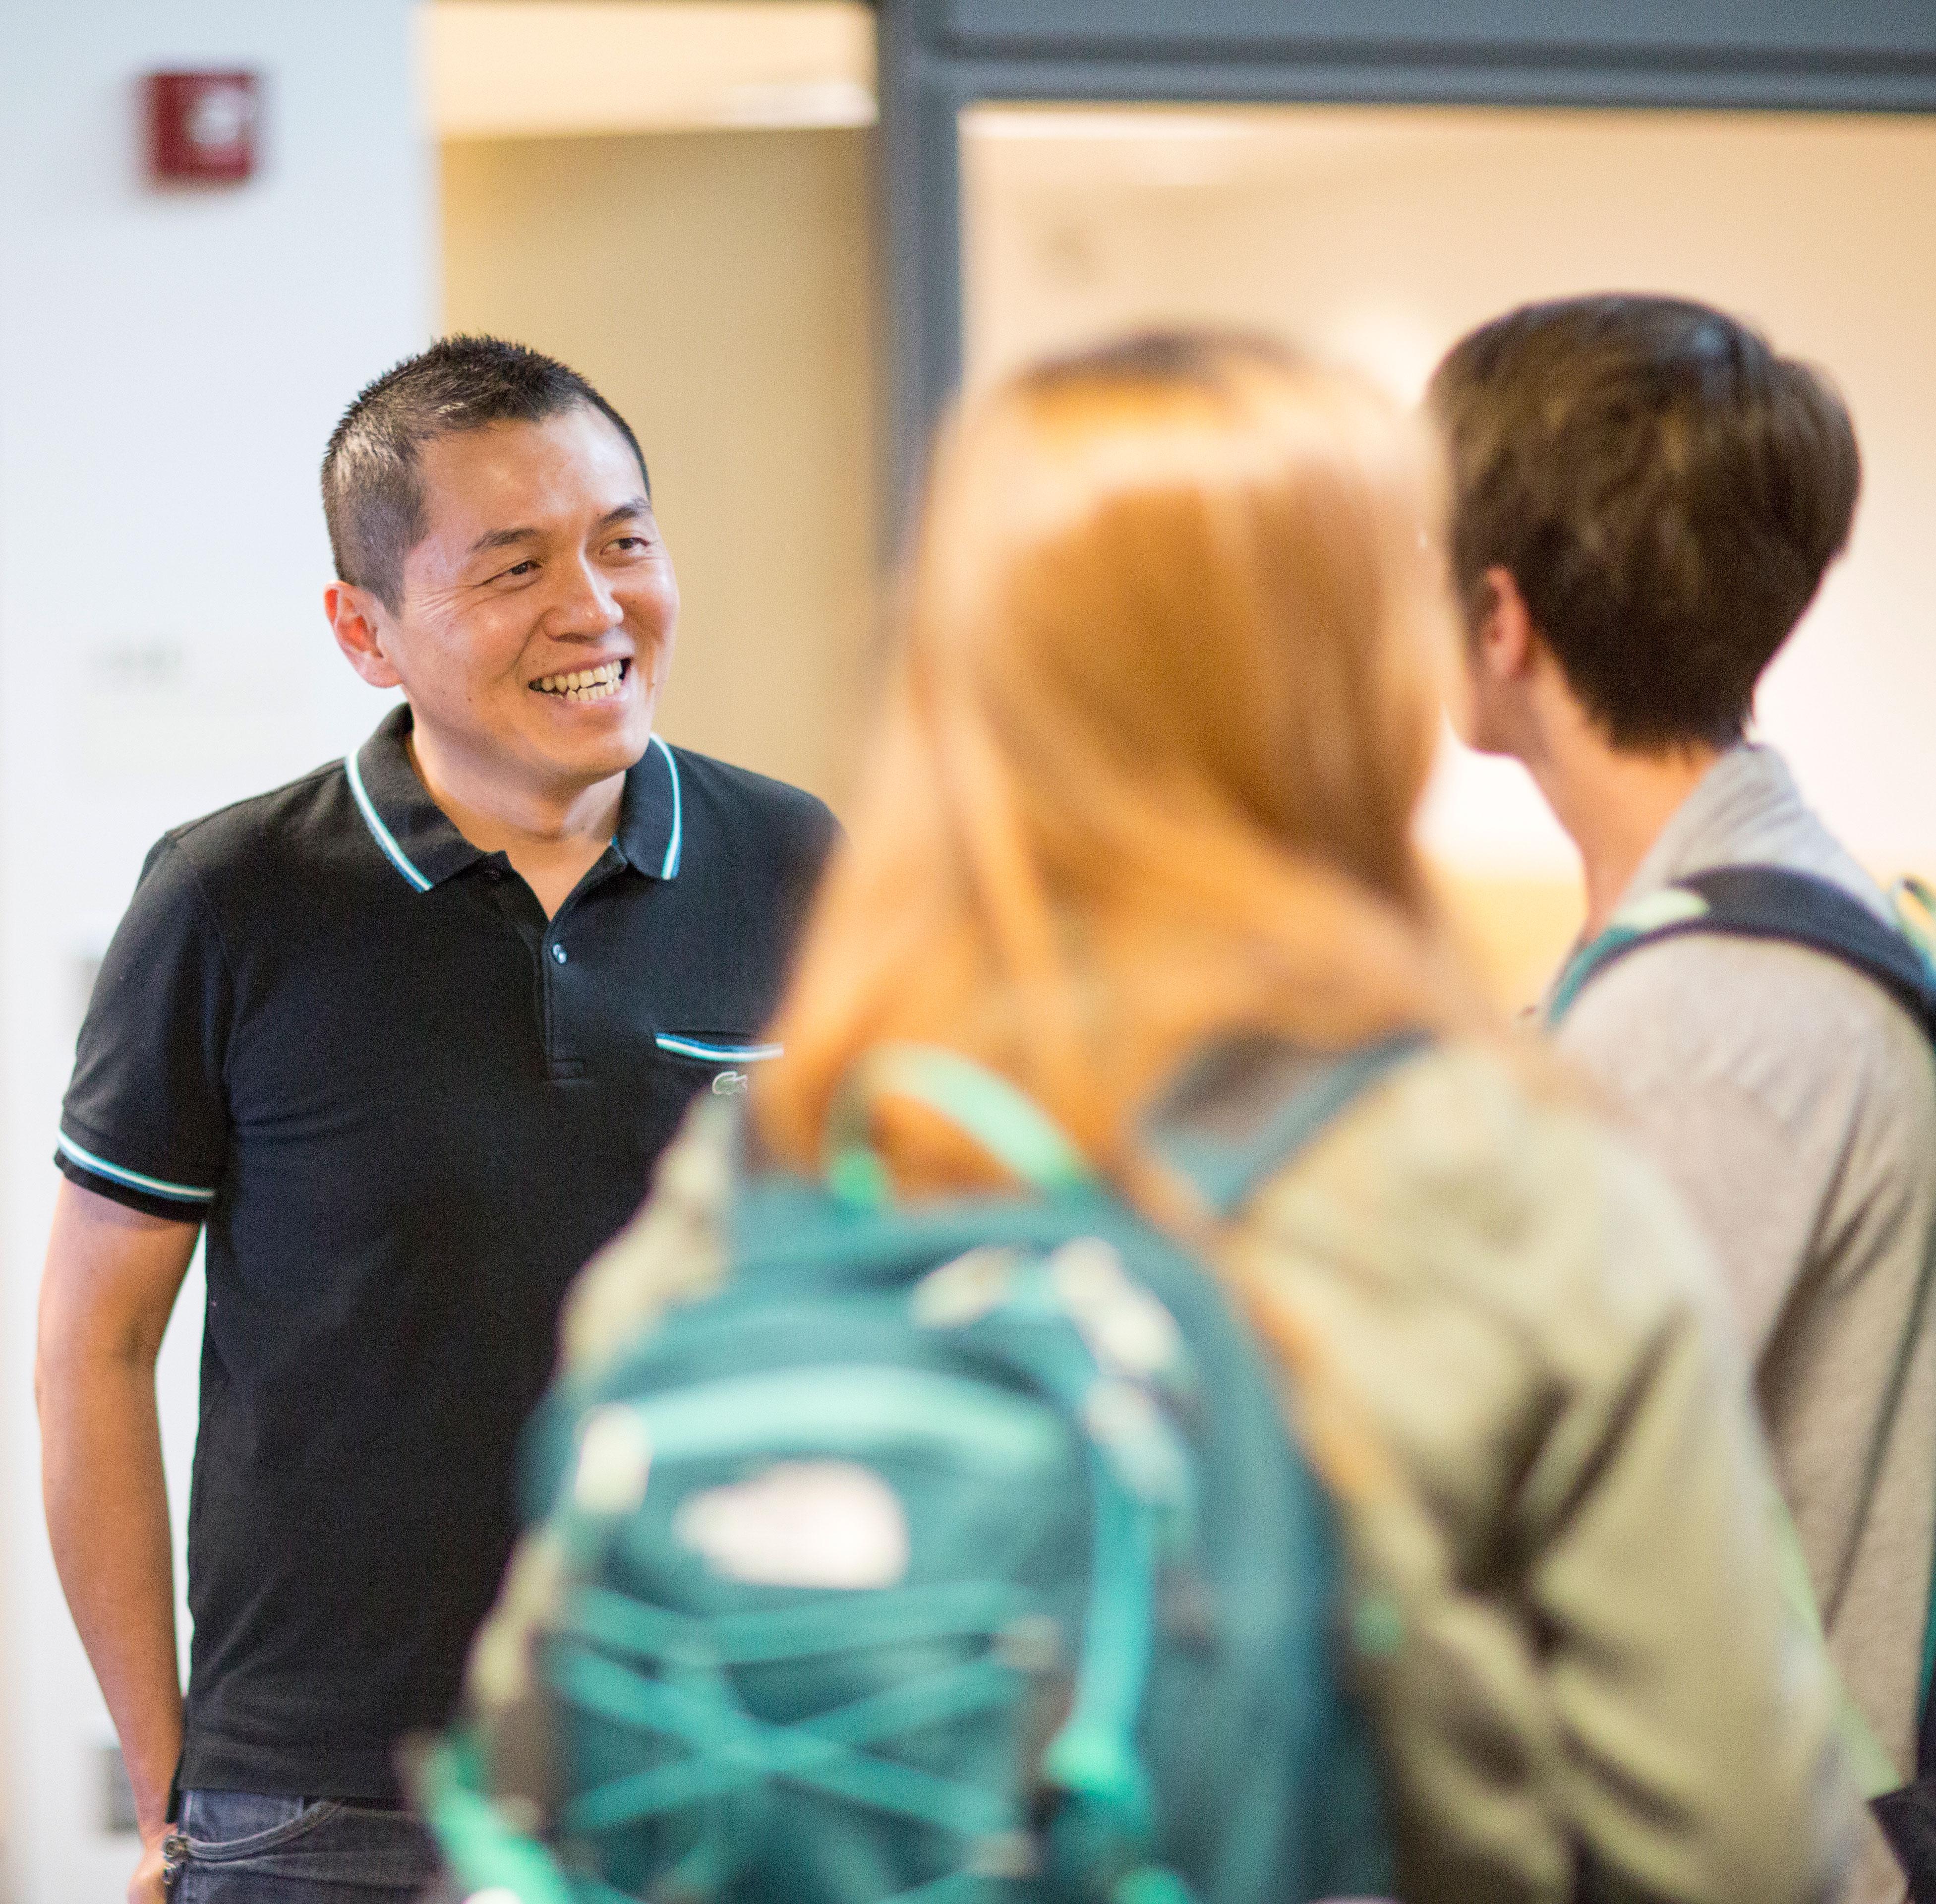 Ronald Ng gives advice to CoJMC students